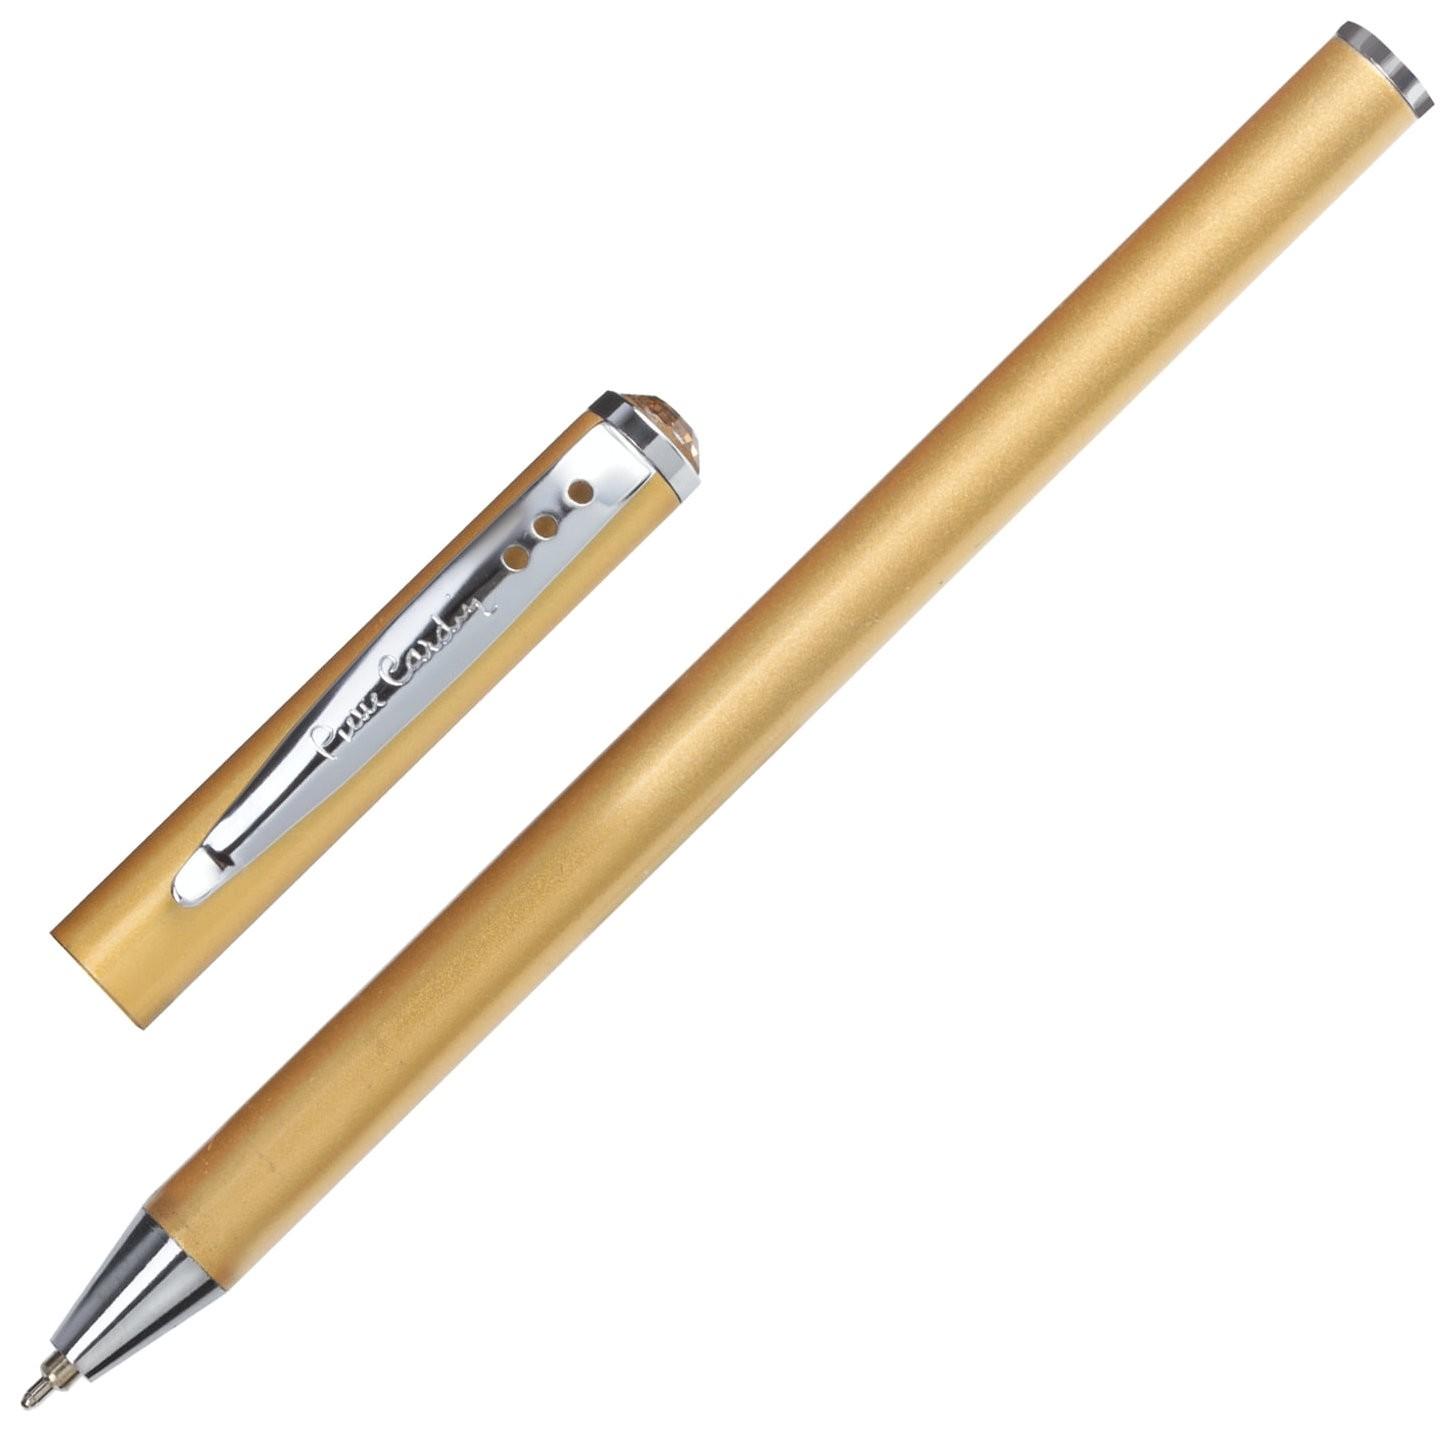 """Ручка подарочная шариковая Pierre Cardin """"Actuel"""", корпус бежевый, алюминий, хром, синяя  Pierre cardin"""